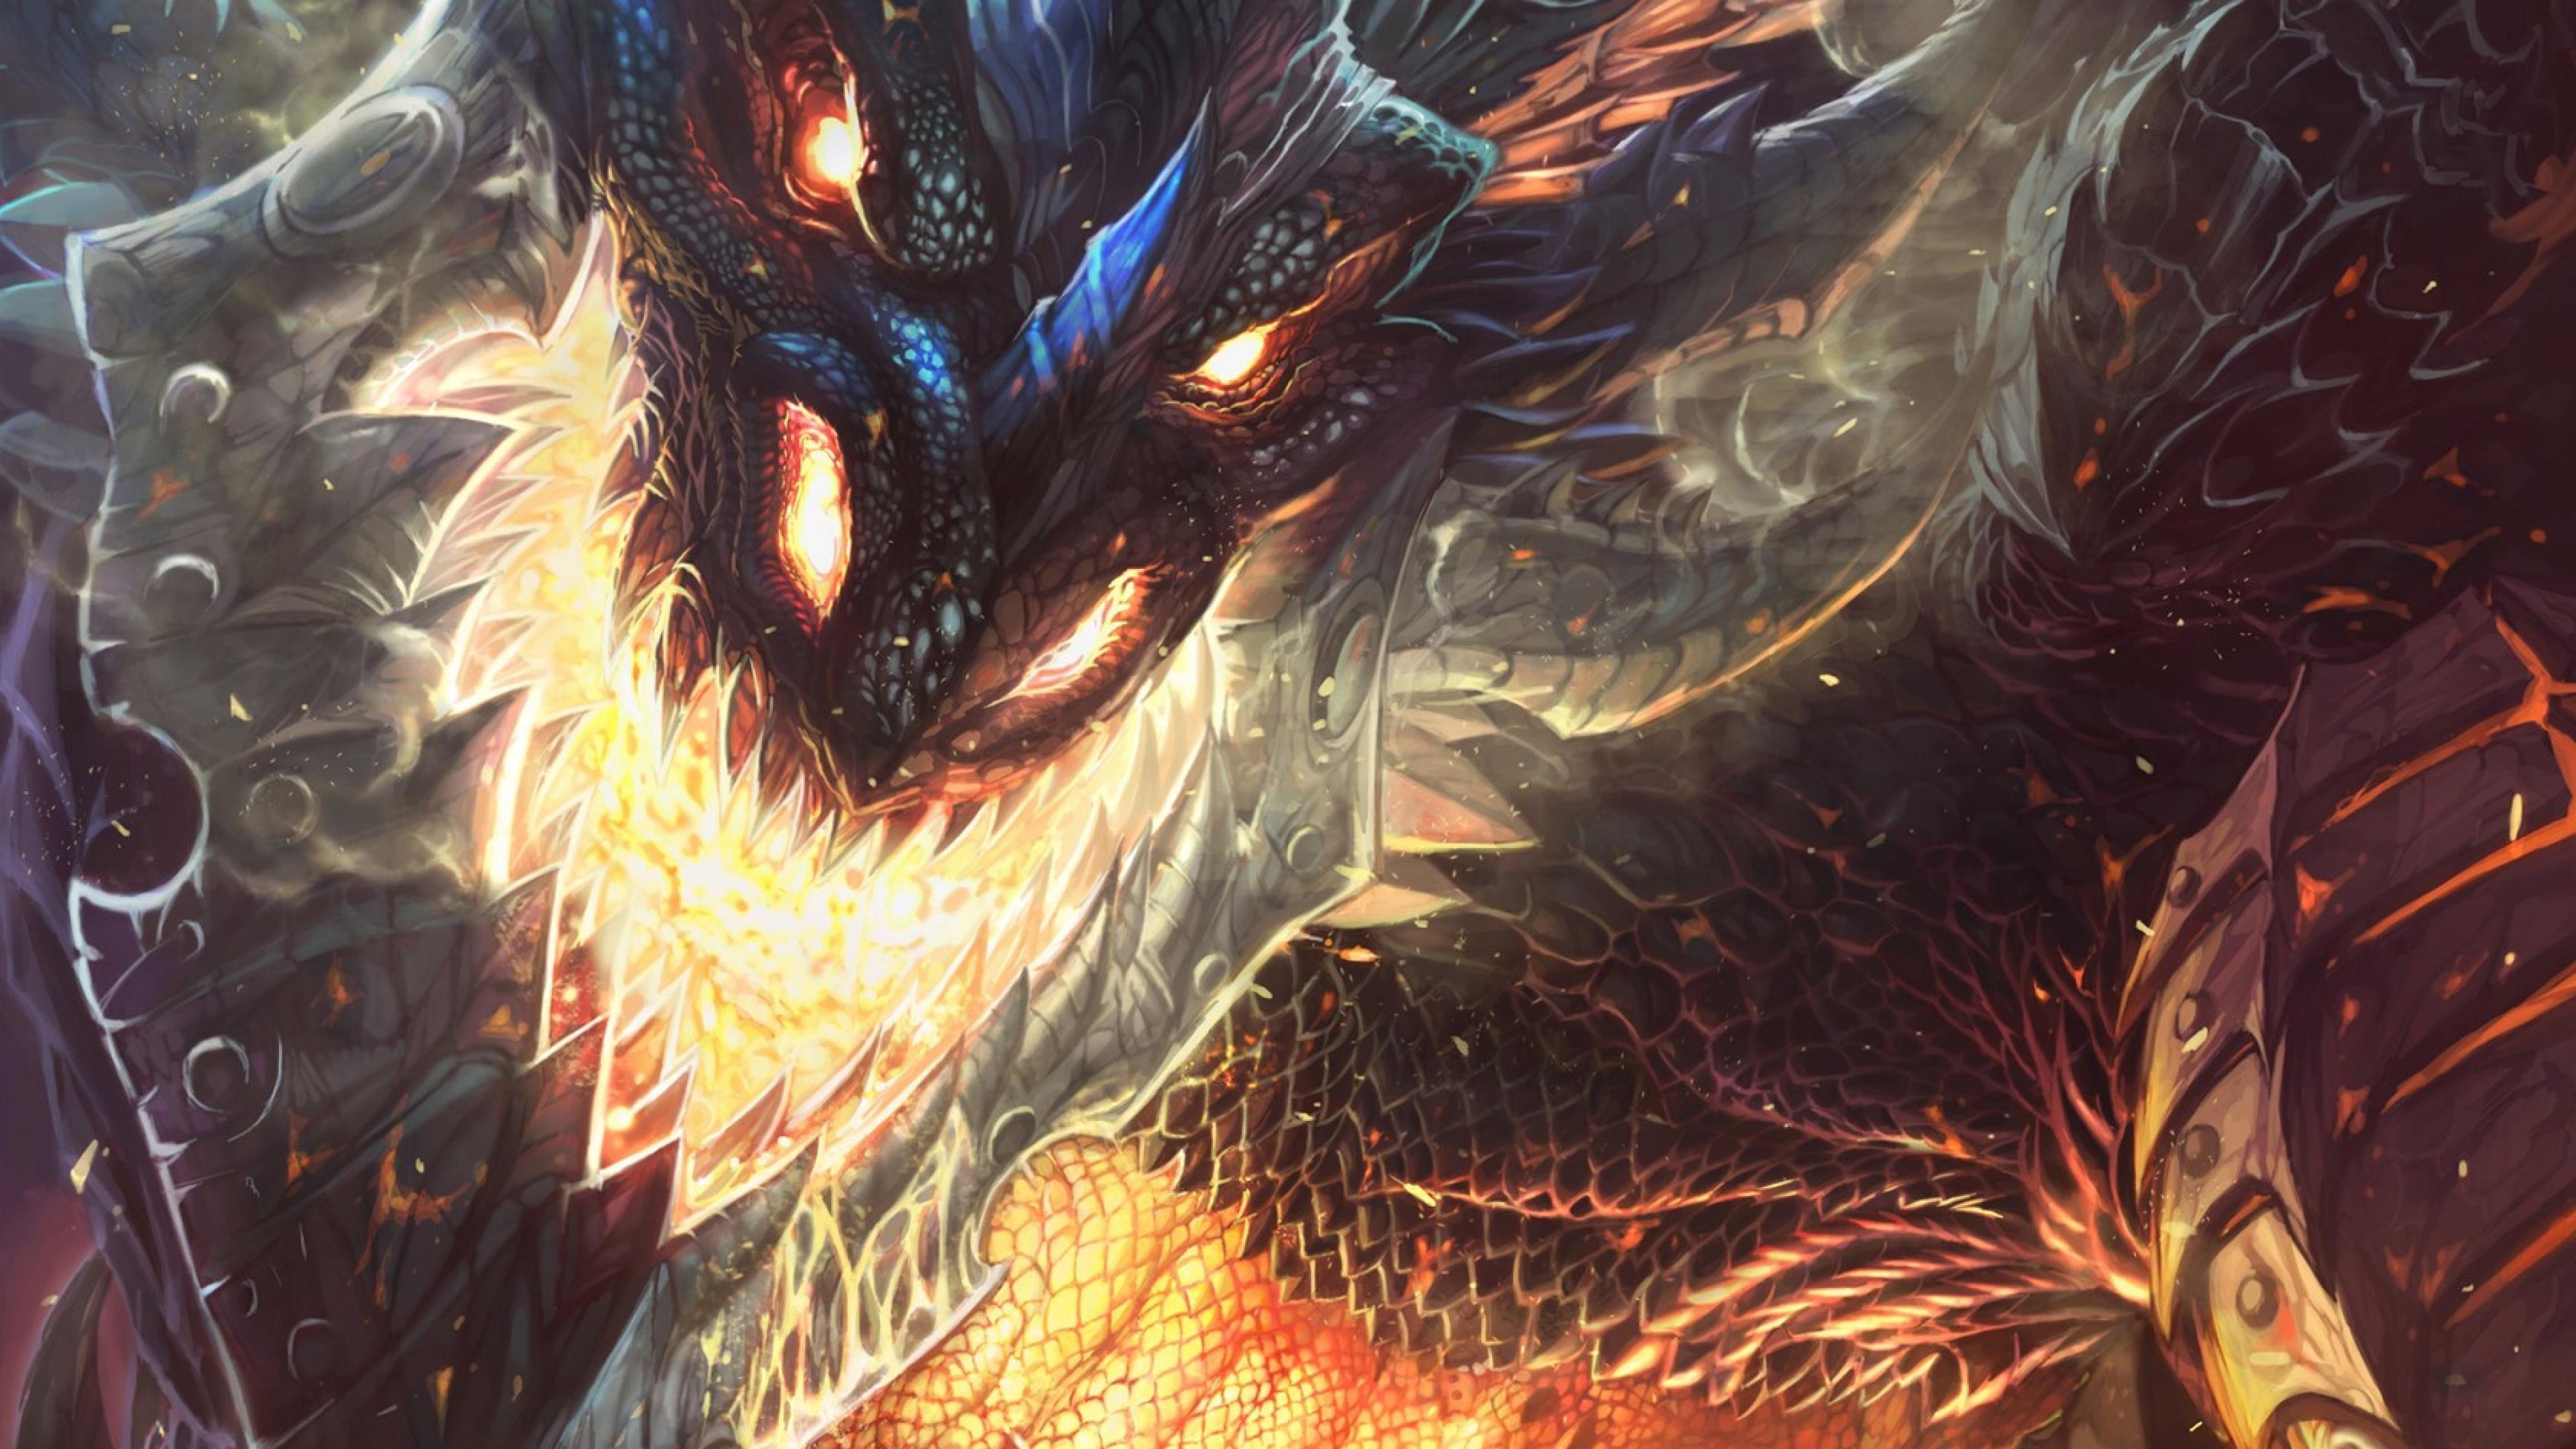 3840x2160 World of warcraft Cataclysm Dragon Face Fire Wallpaper 3840x2160